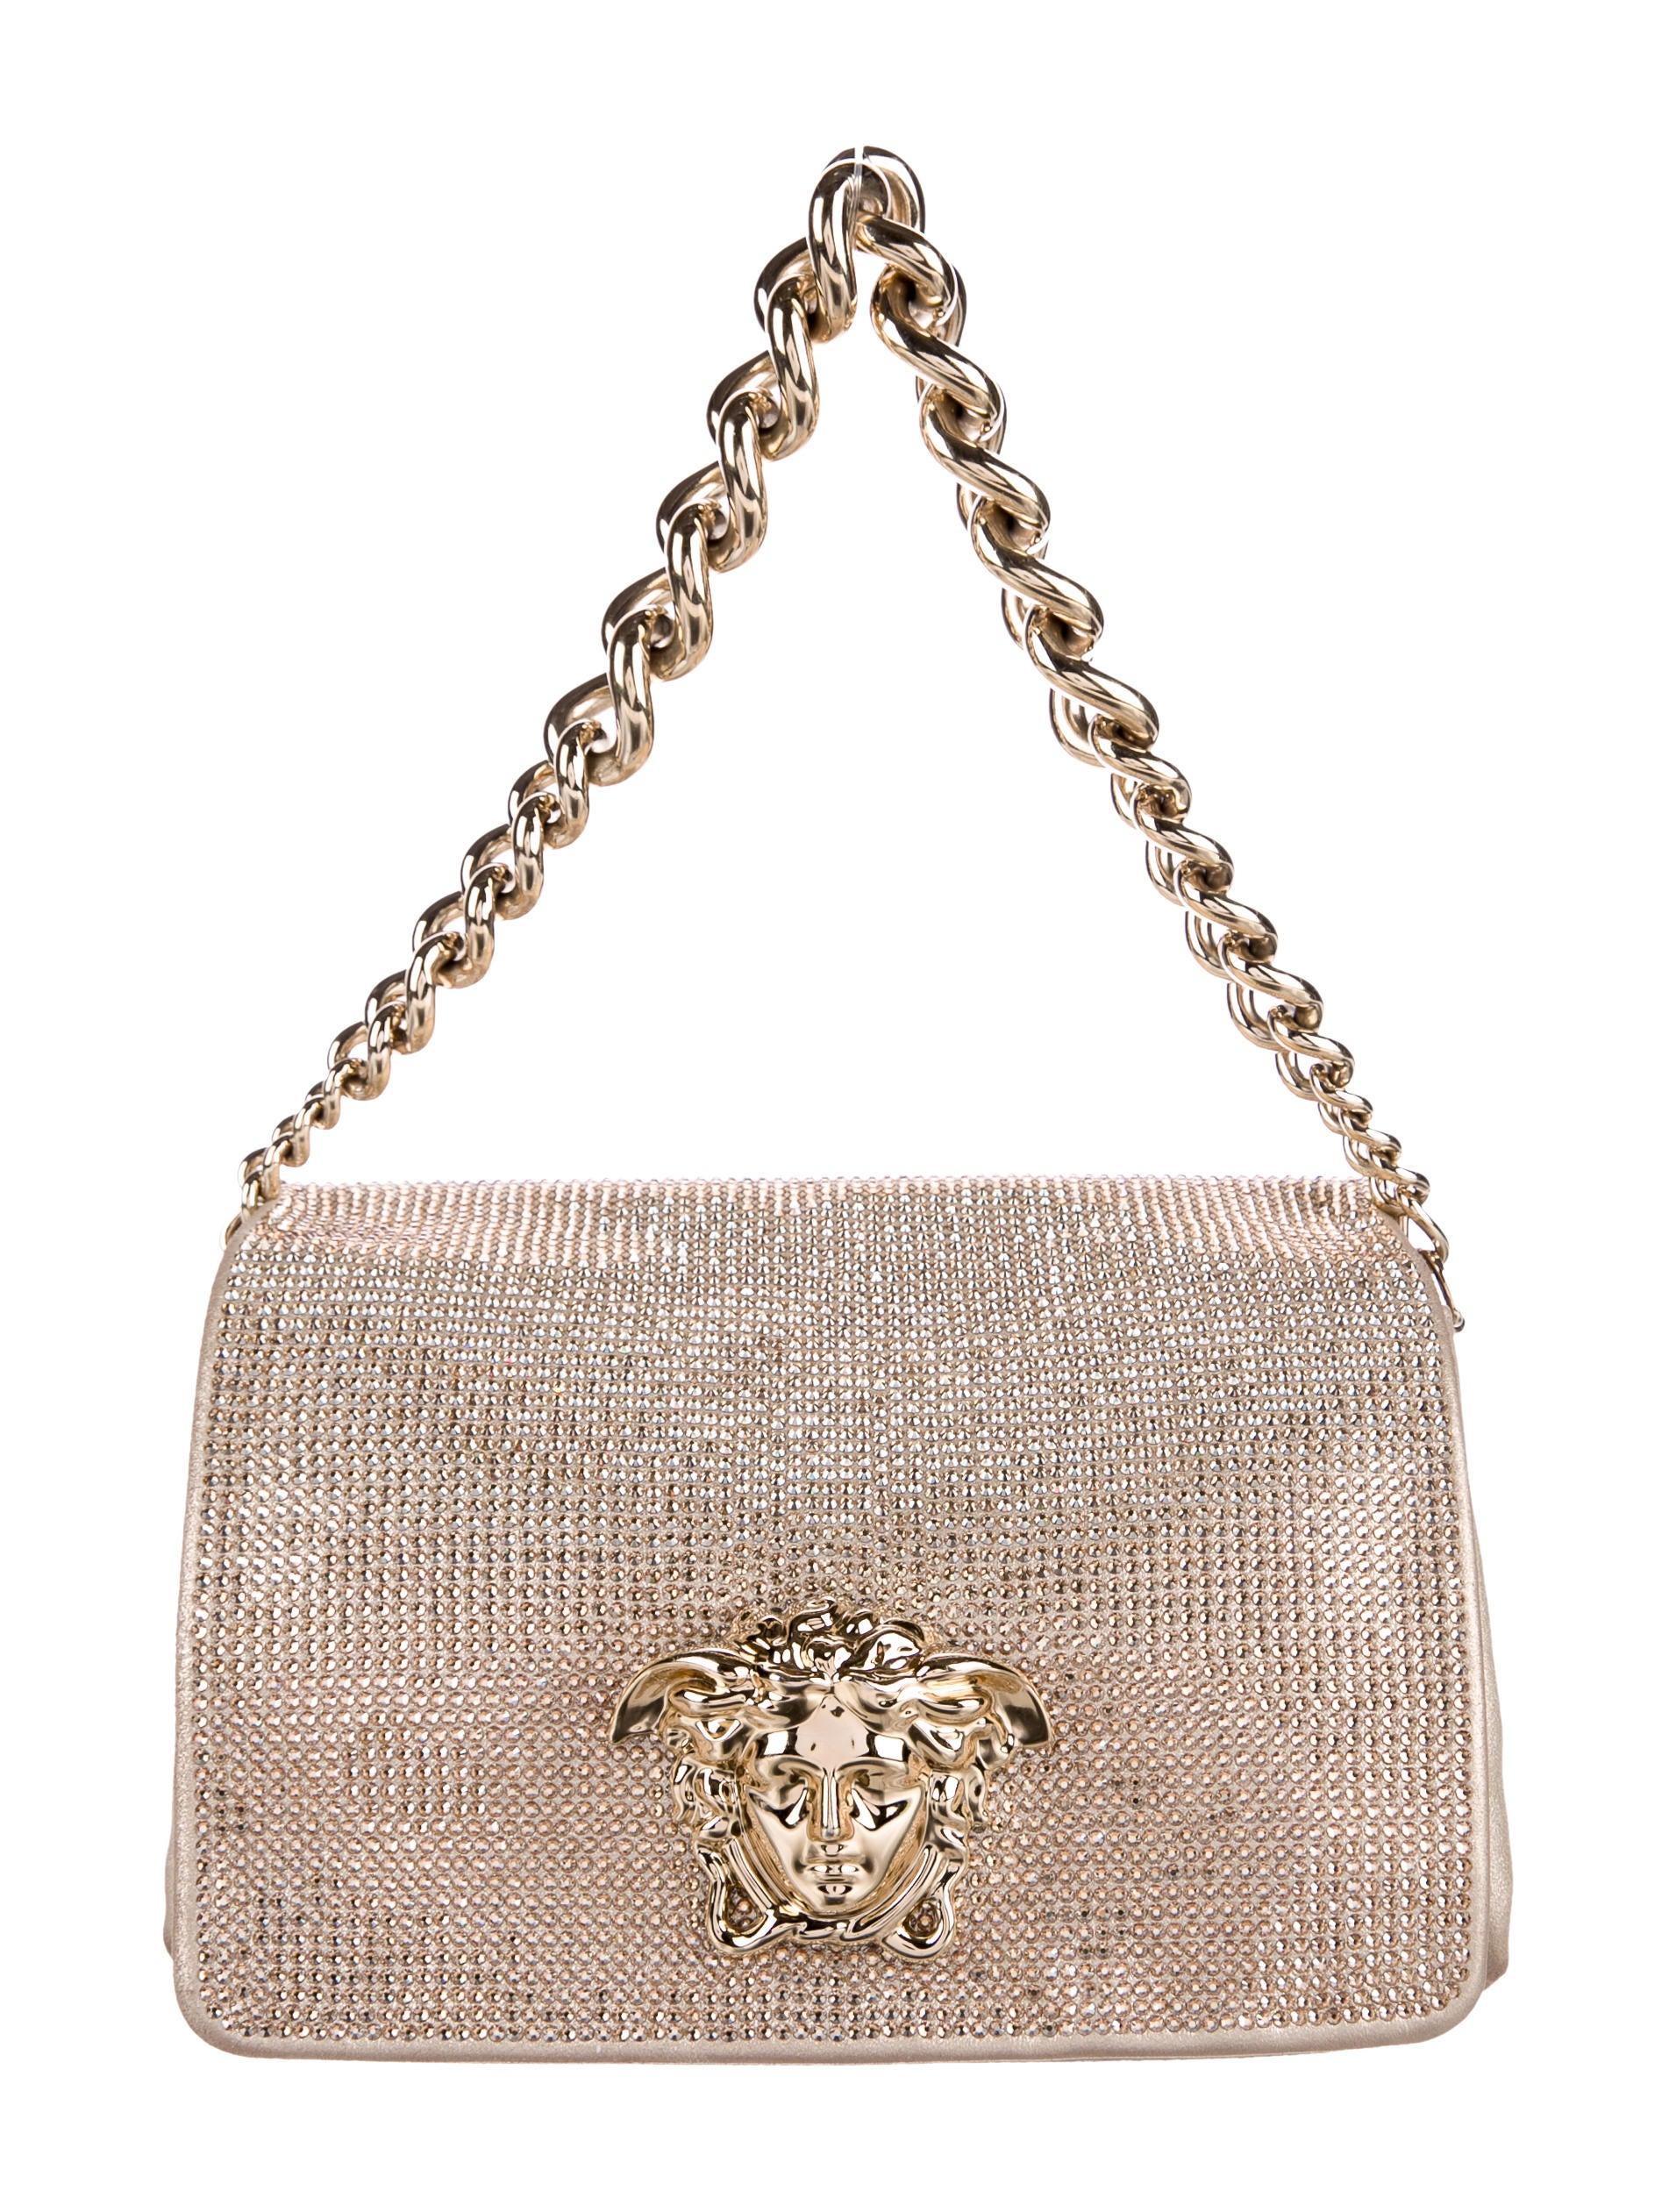 Versace Sultan Crystal Shoulder Bag - Handbags